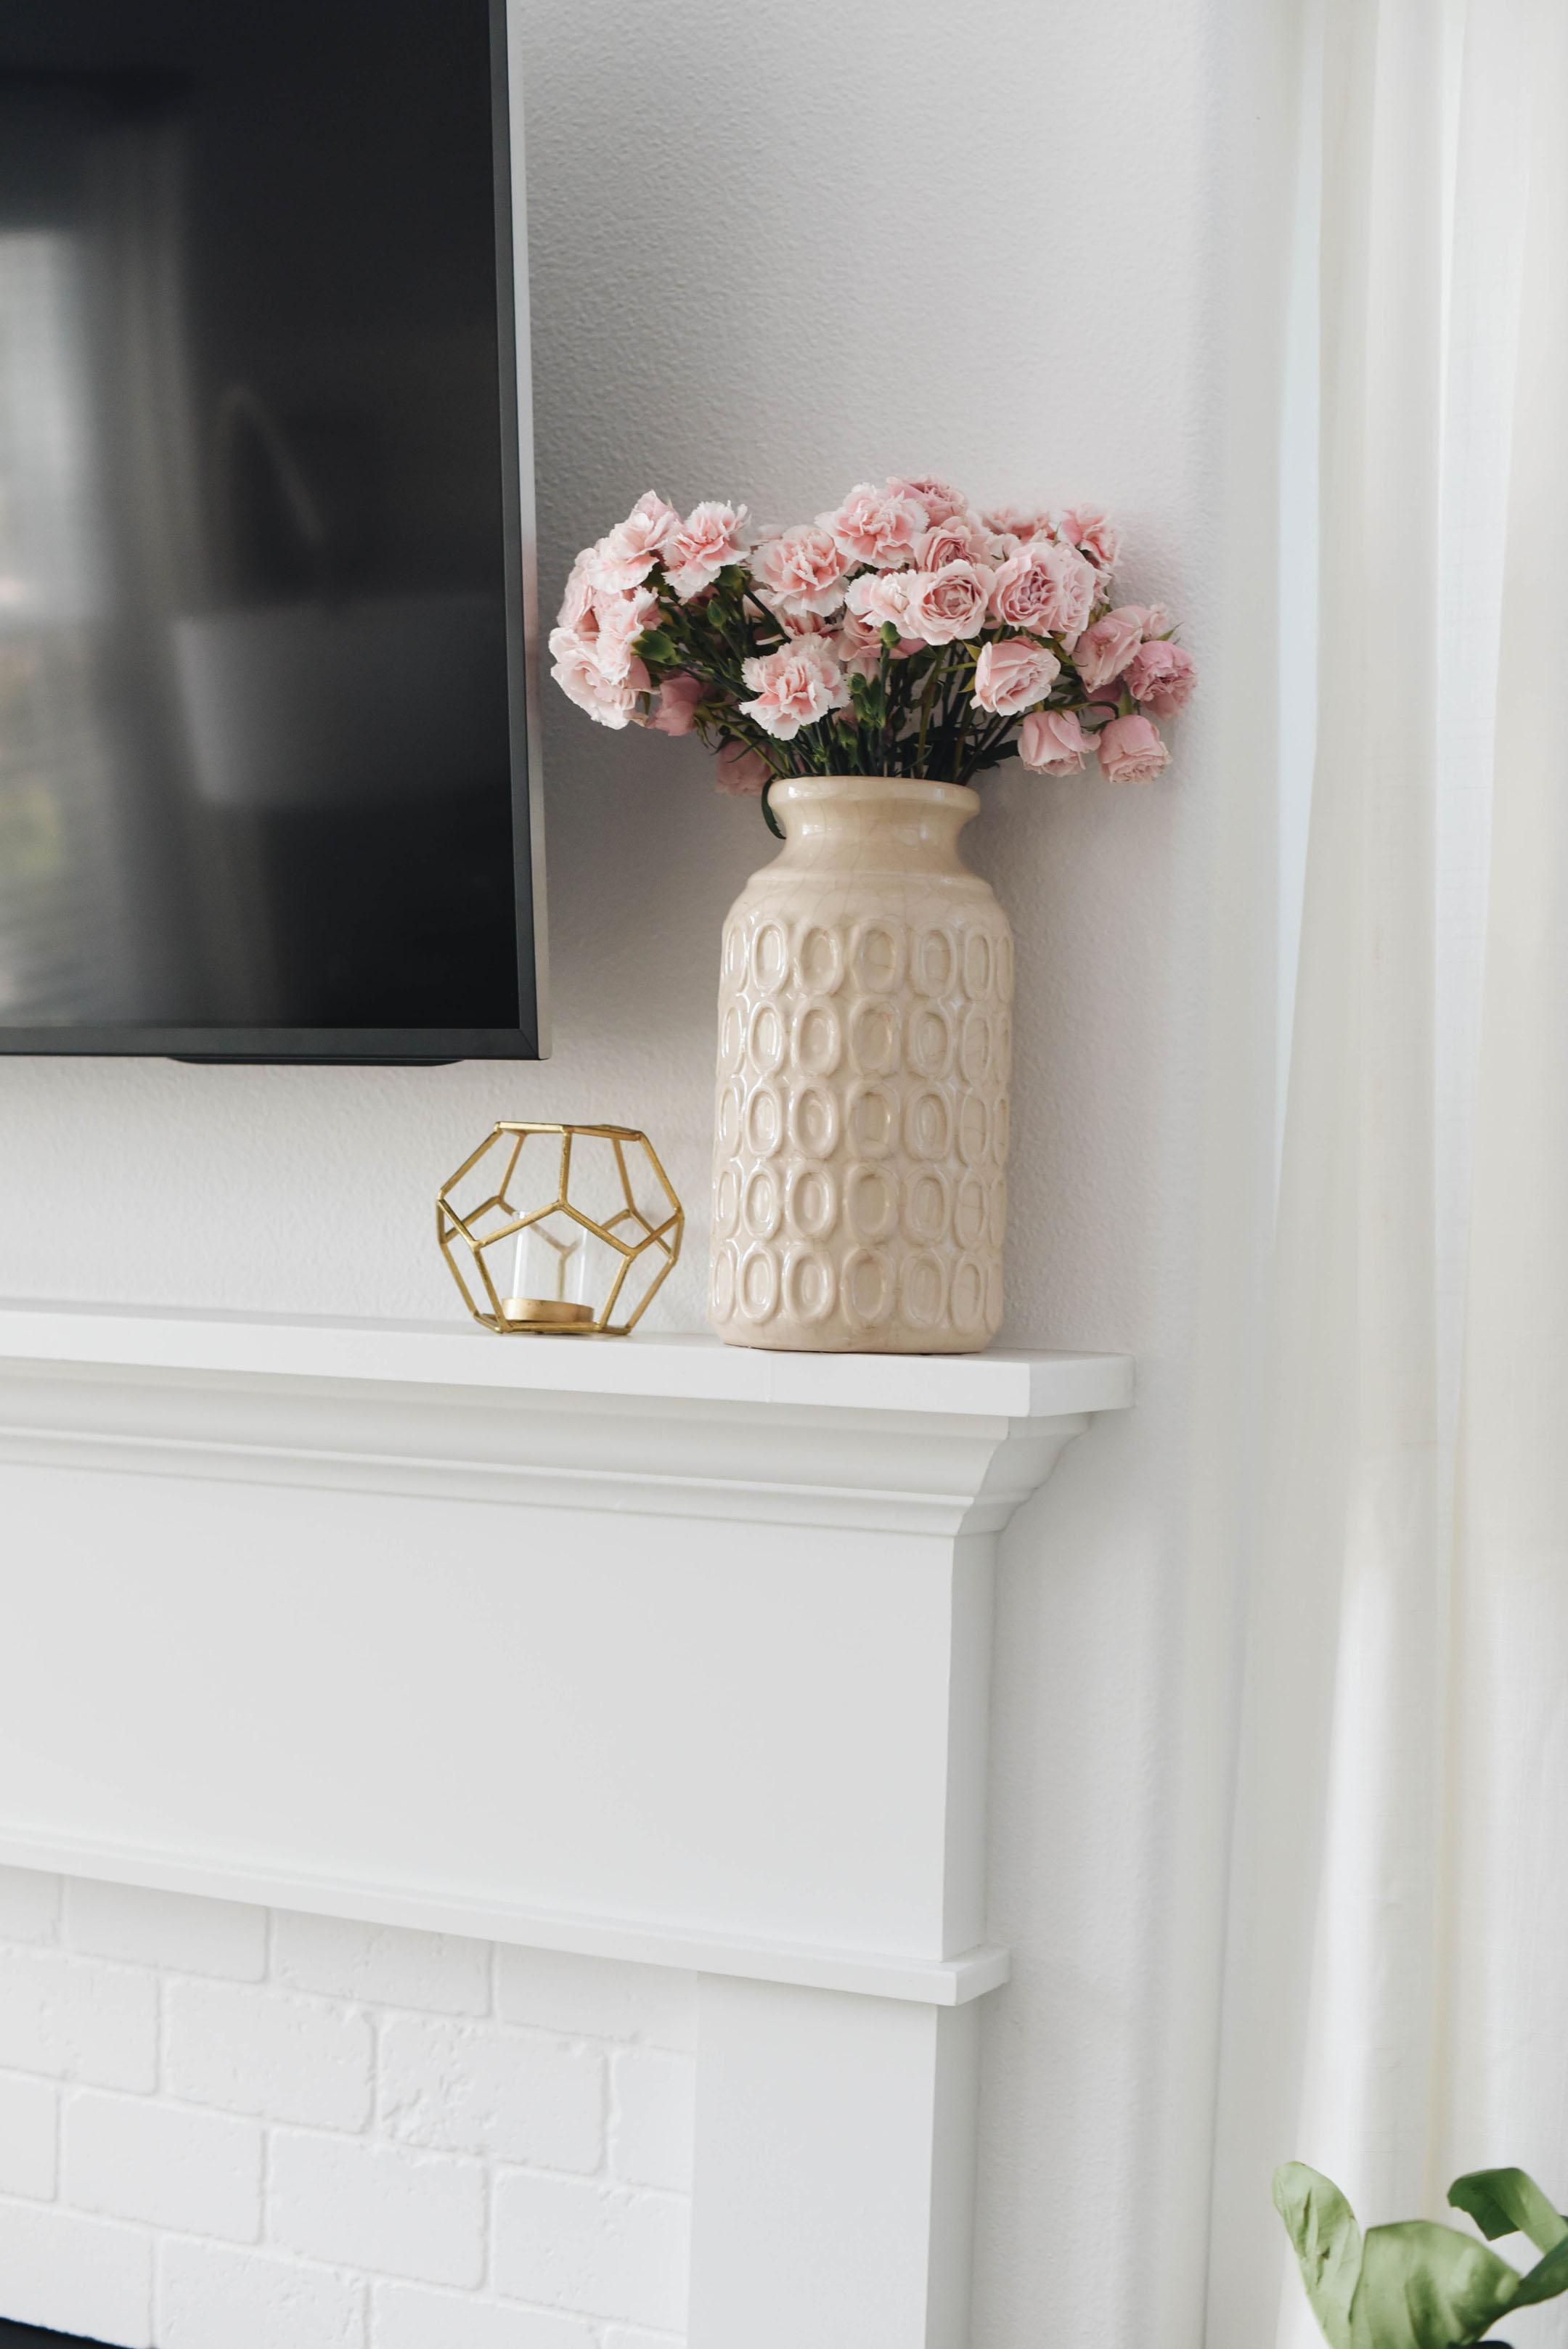 Home Depot vases